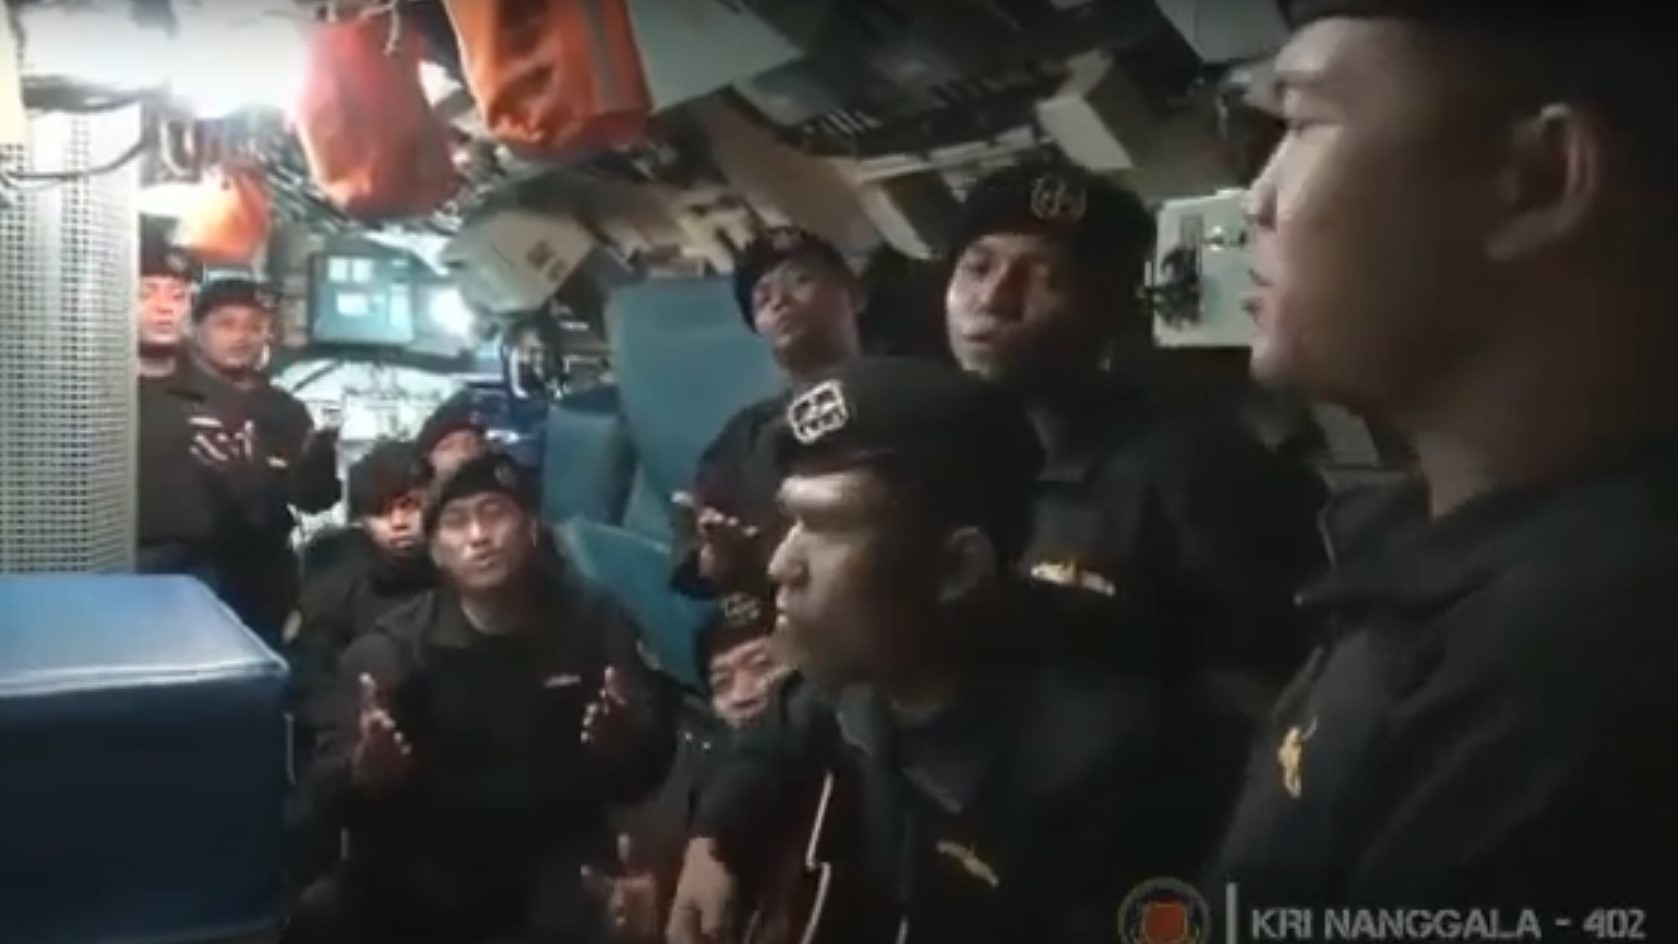 Előkerült egy videó, amin az elsüllyedt tengeralattjáró legénysége énekel egy búcsúdalt